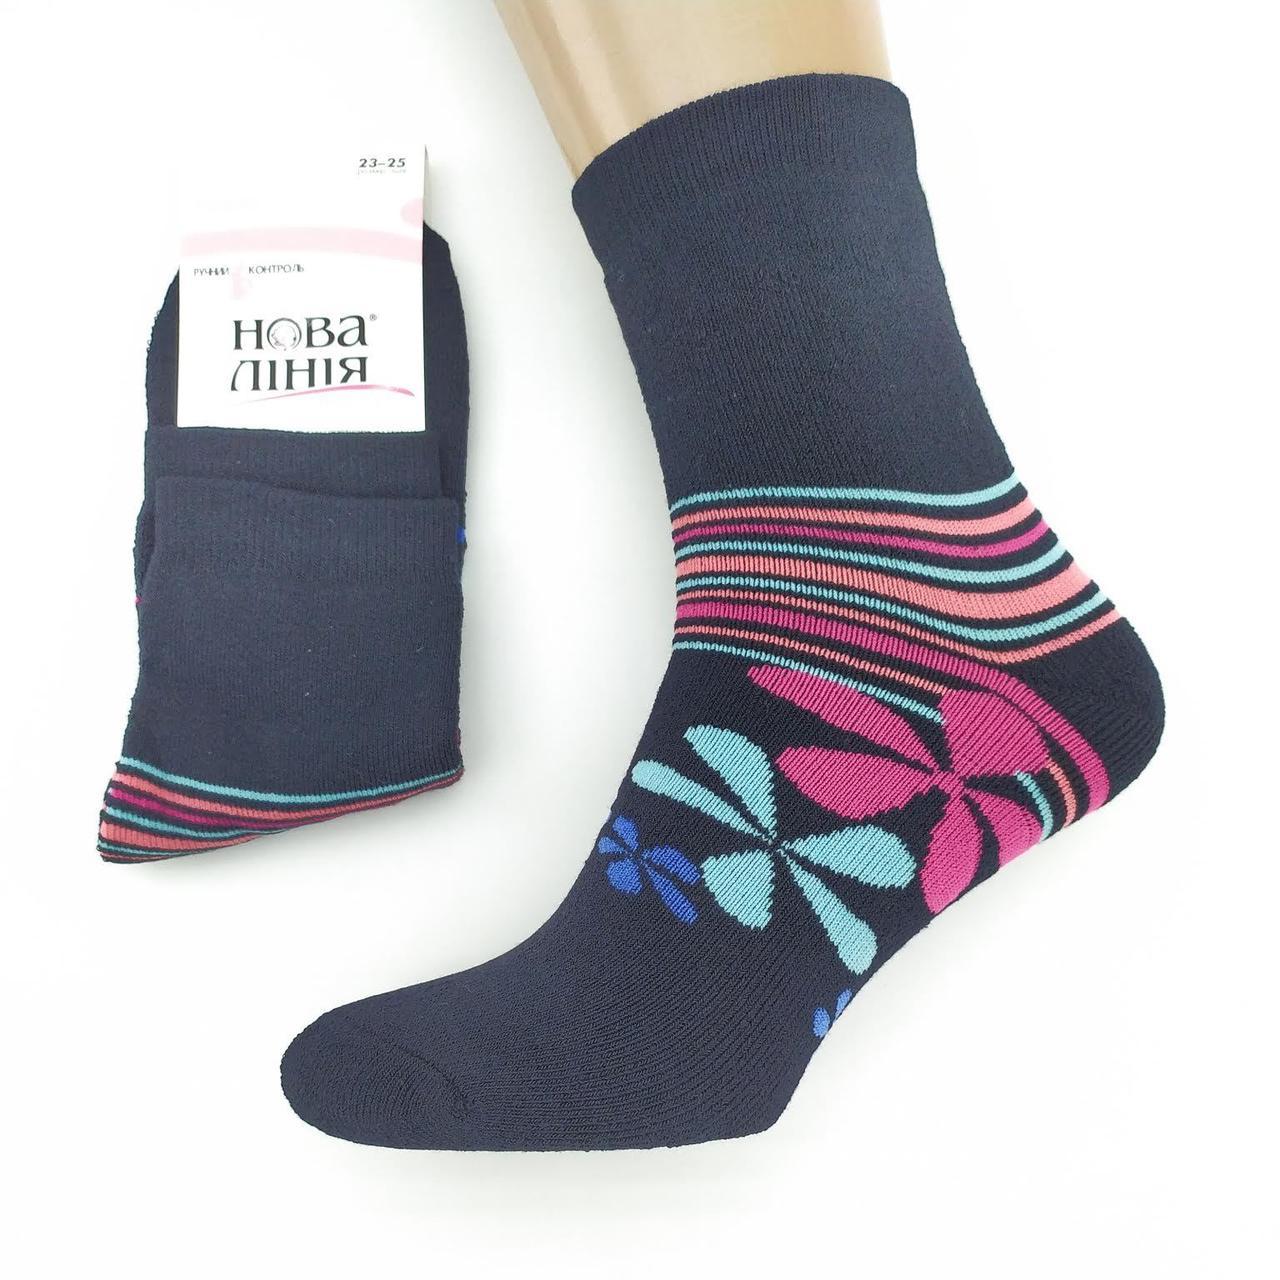 Носки женские махровые термо средние с полосками Новая Линия 23-25р тёмно-синие 20036003